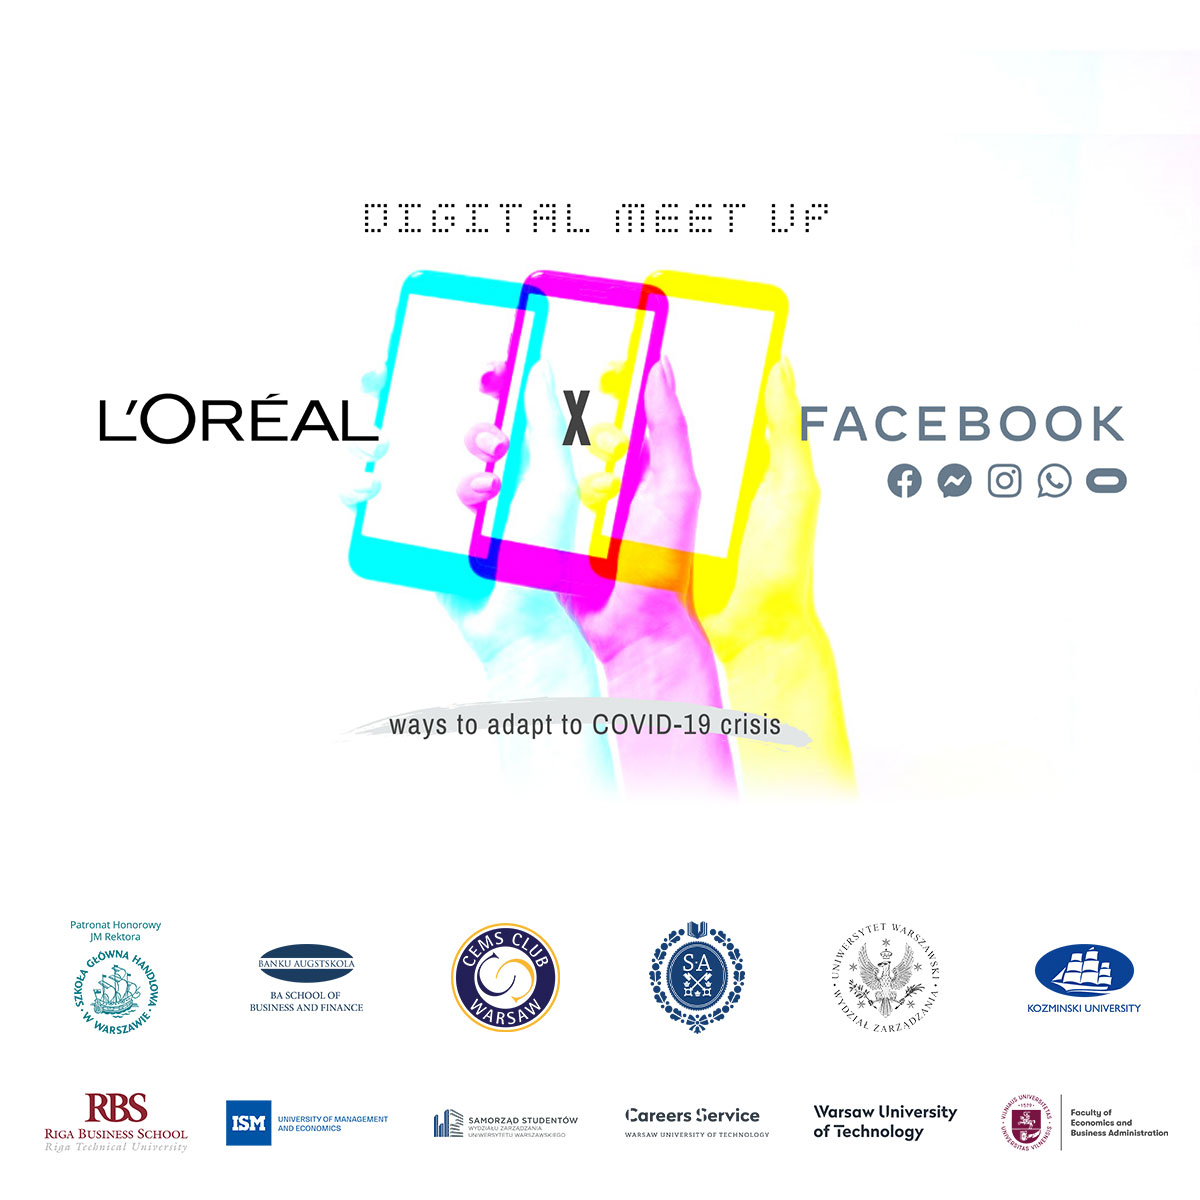 Digital MEET UP / Loreal x Facebook